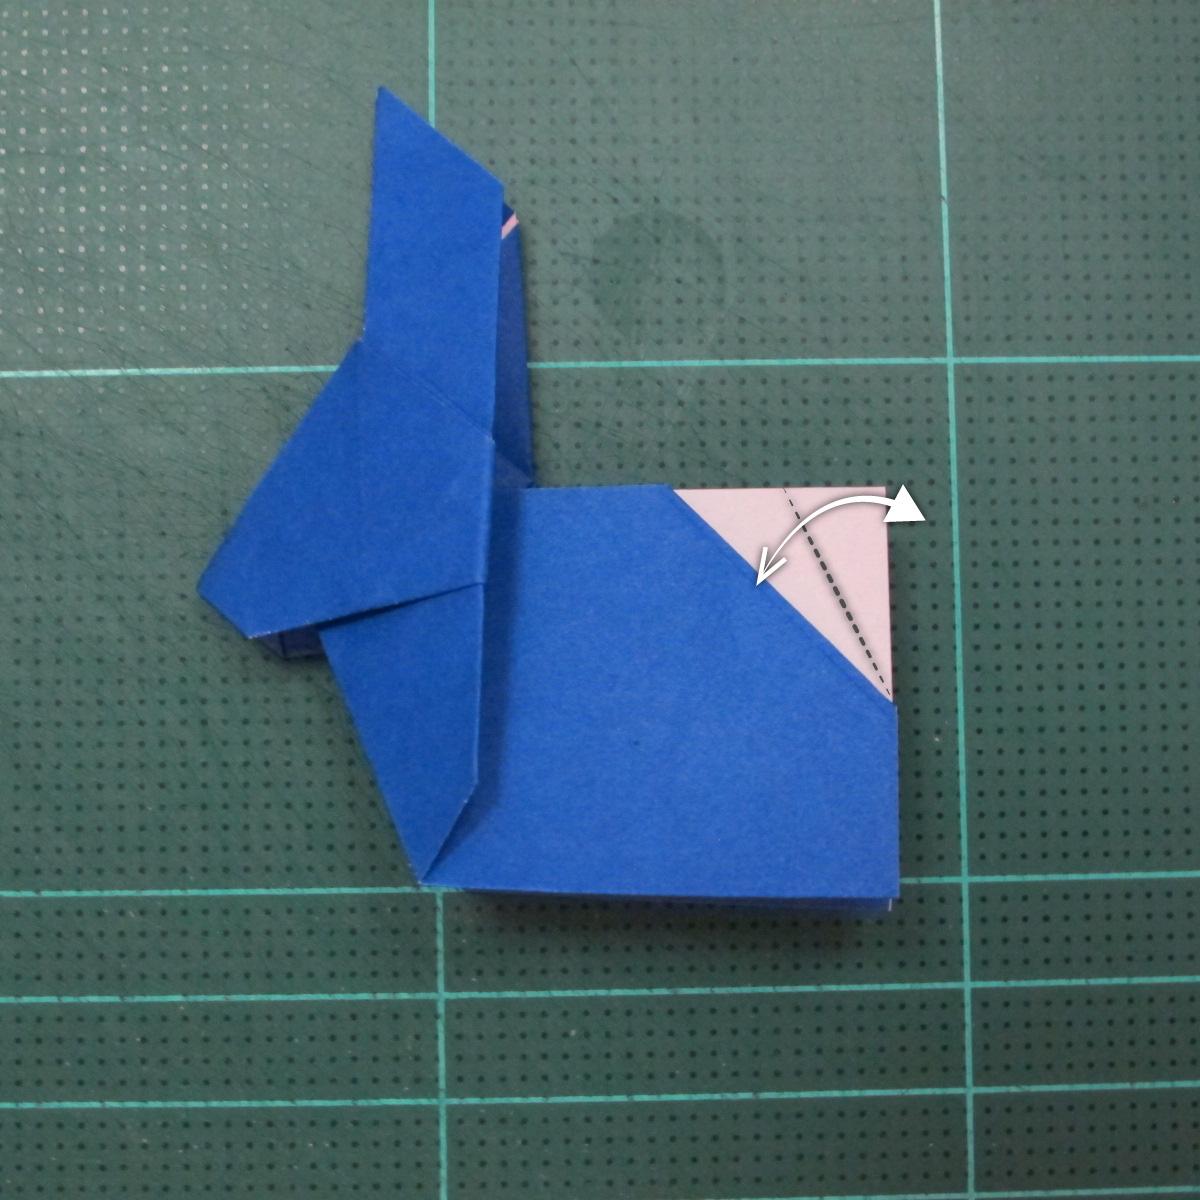 วิธีการพับกระดาษเป็นรูปกระต่าย แบบของเอ็ดวิน คอรี่ (Origami Rabbit)  024